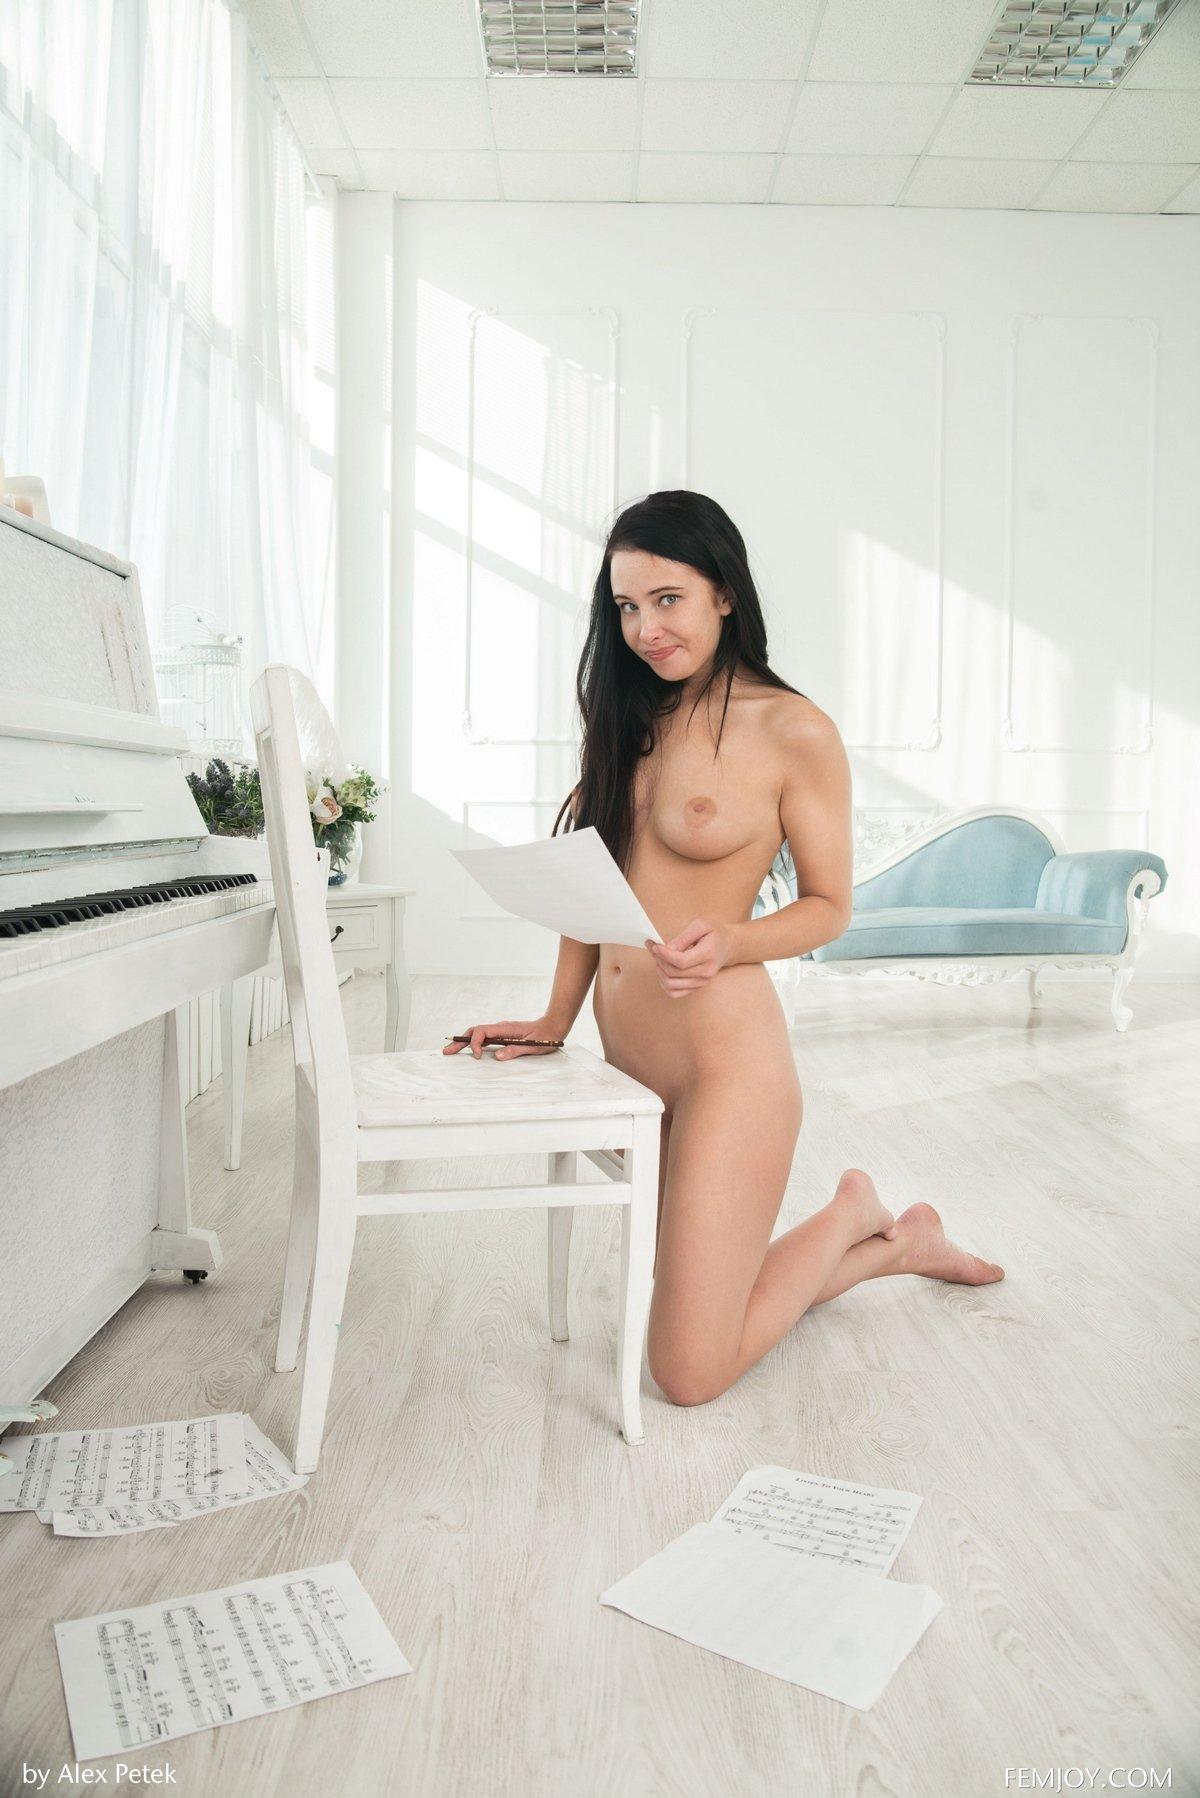 Обнаженная темненькая девушка возле светлого рояля